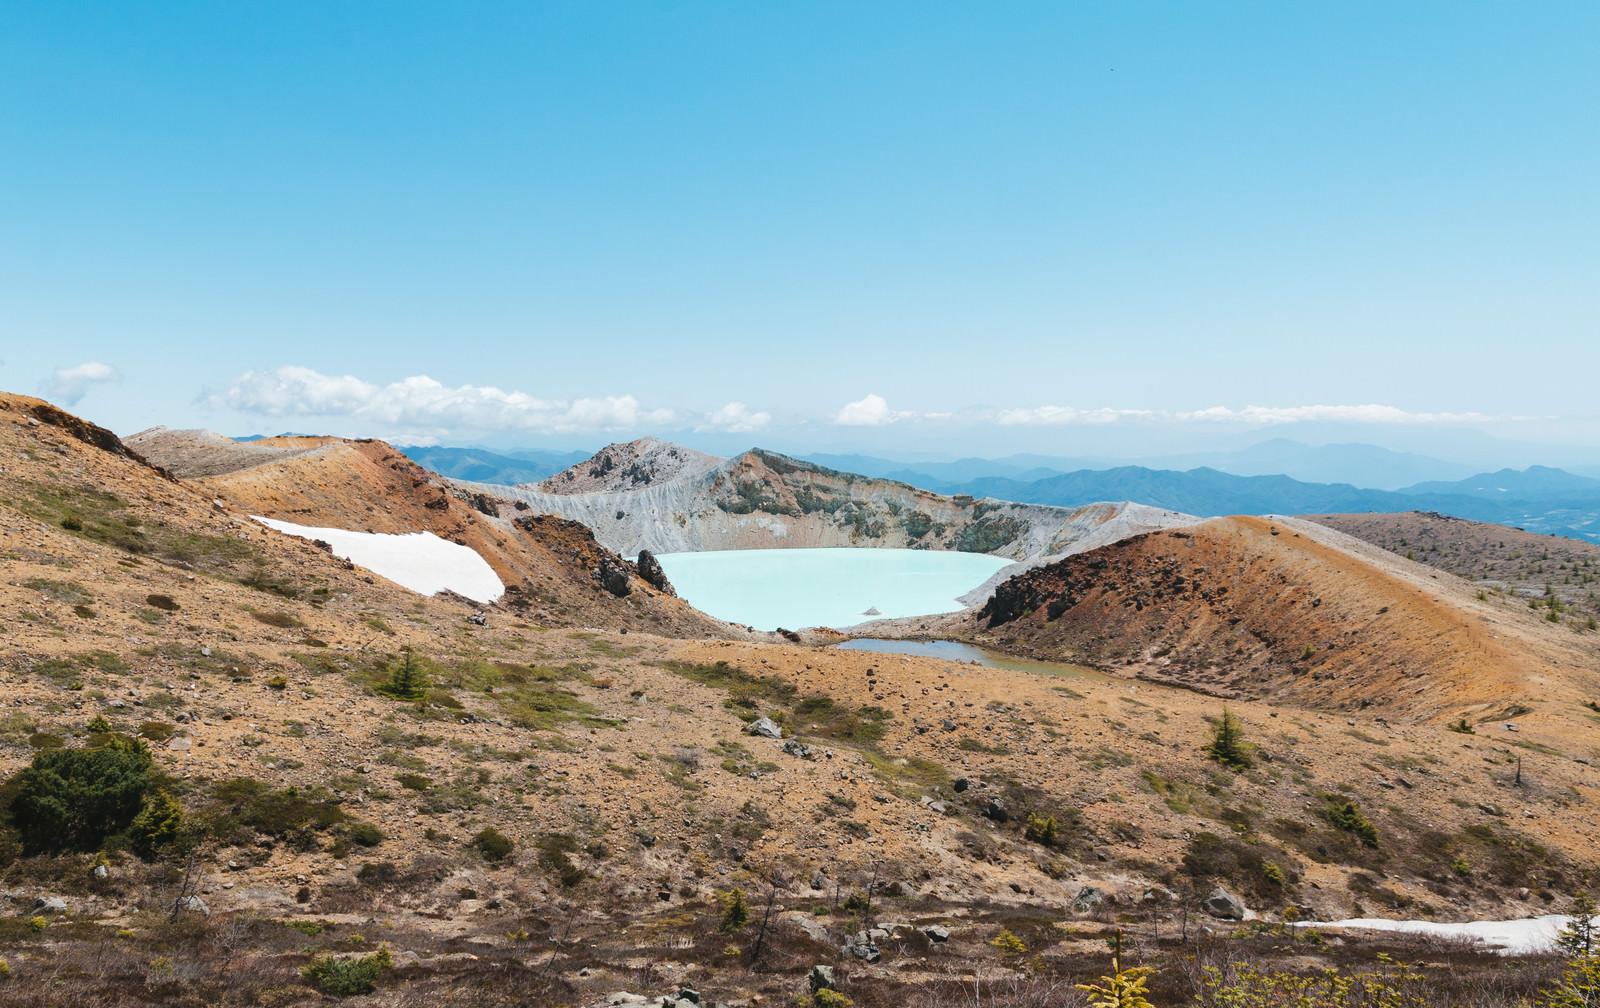 「草津白根山にある乳白色の湯釜 | 写真の無料素材・フリー素材 - ぱくたそ」の写真